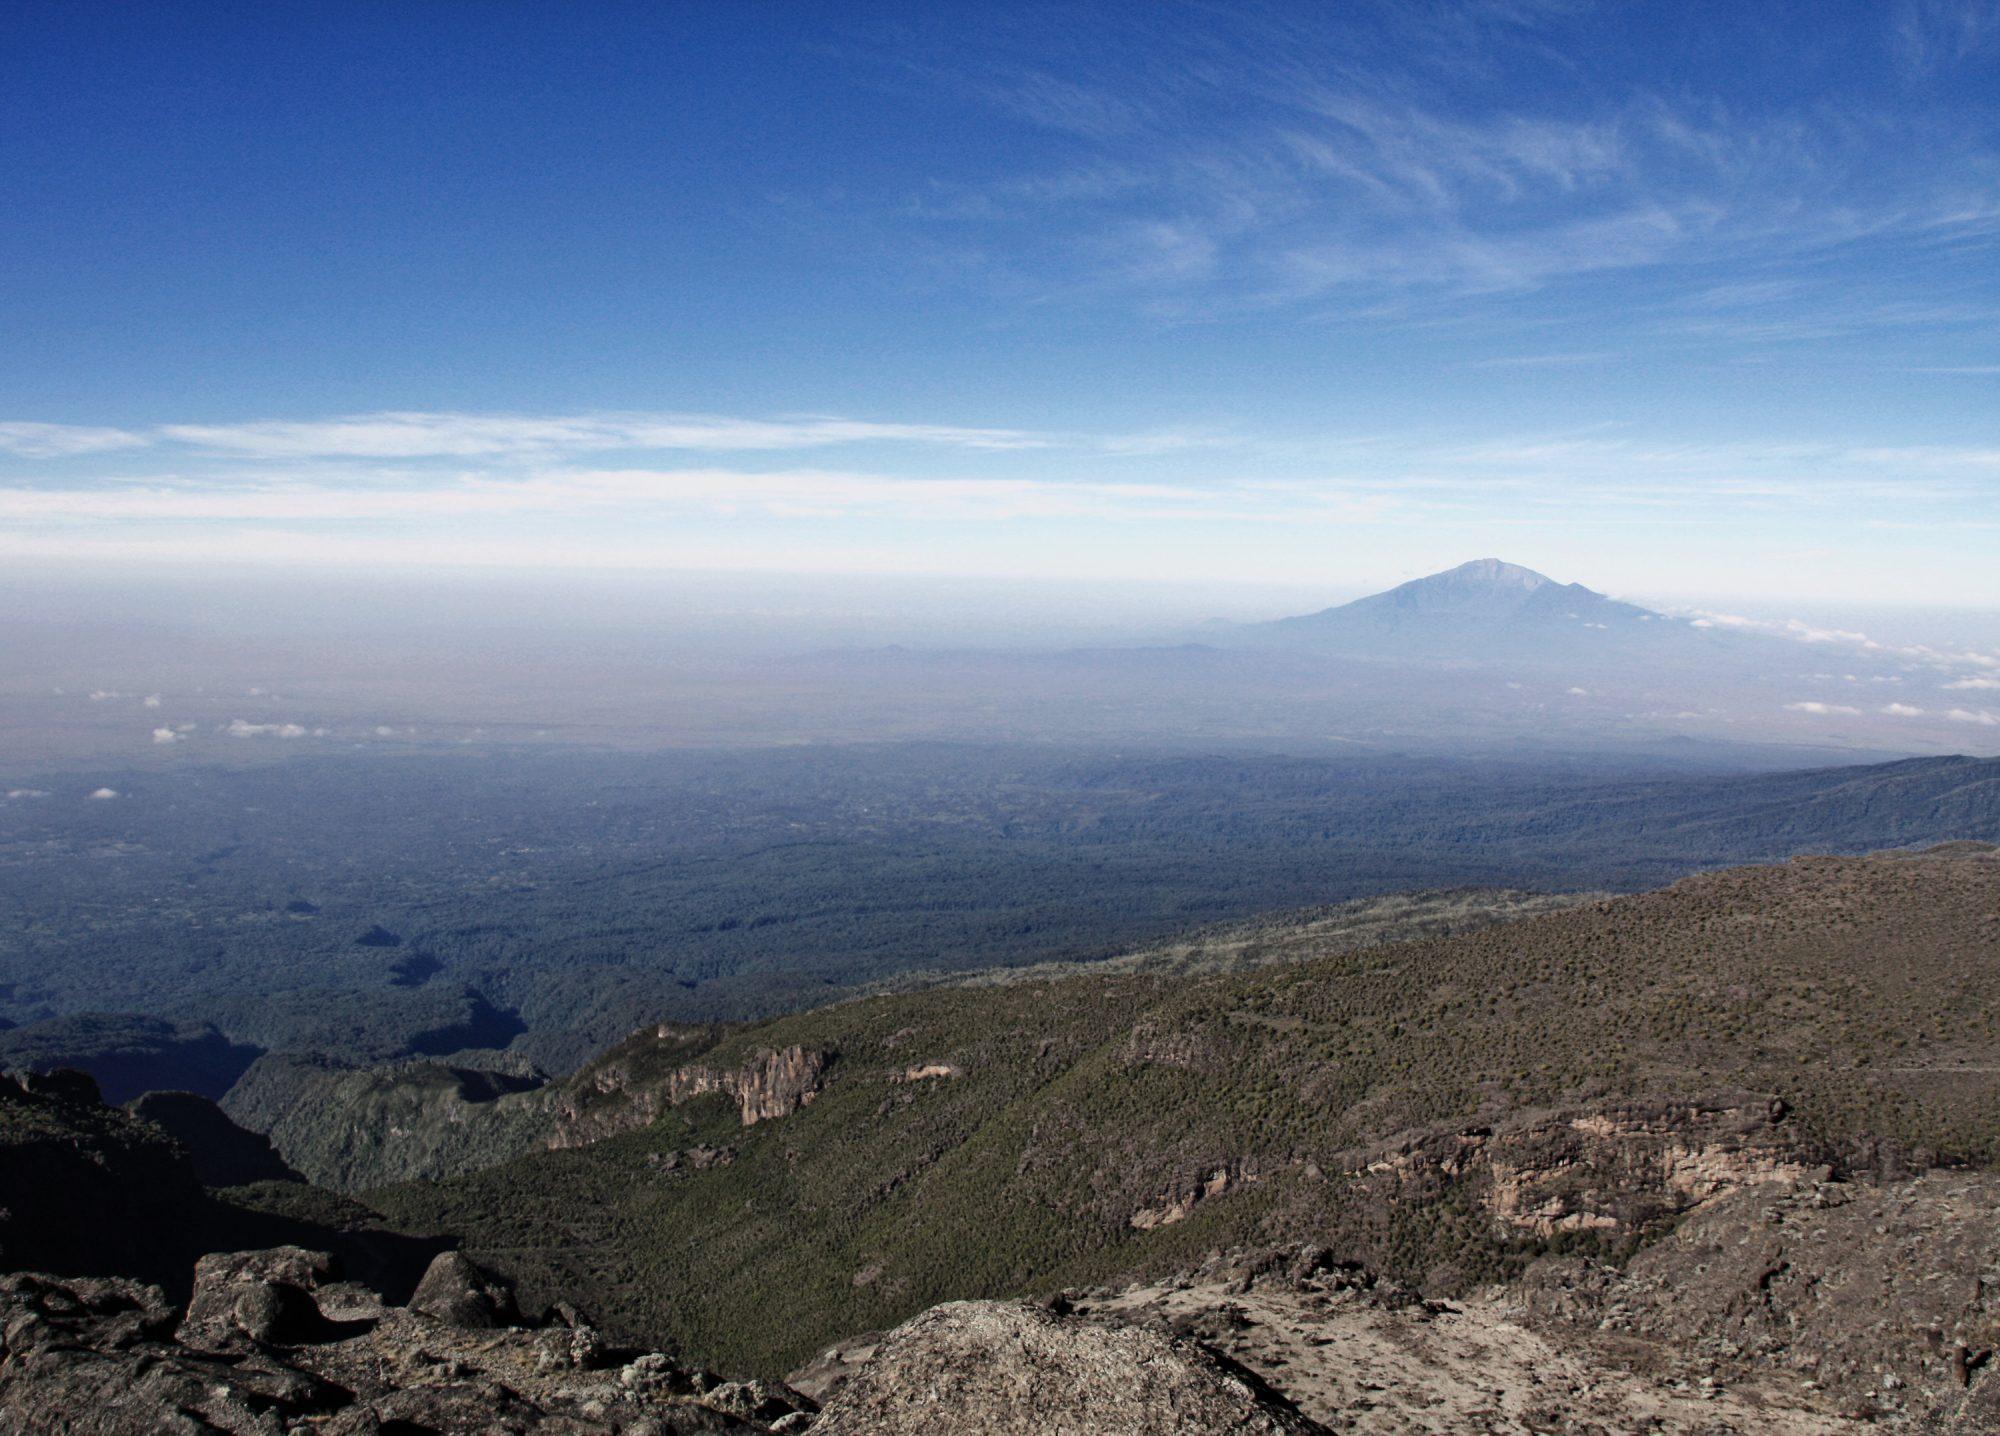 Blick auf den Mount Meru, Kilimandscharo, Kilimandscharo besteigen, Tansania, Afrika, Kilimandscharo Tour, Erfahrungsbericht, Machame Route